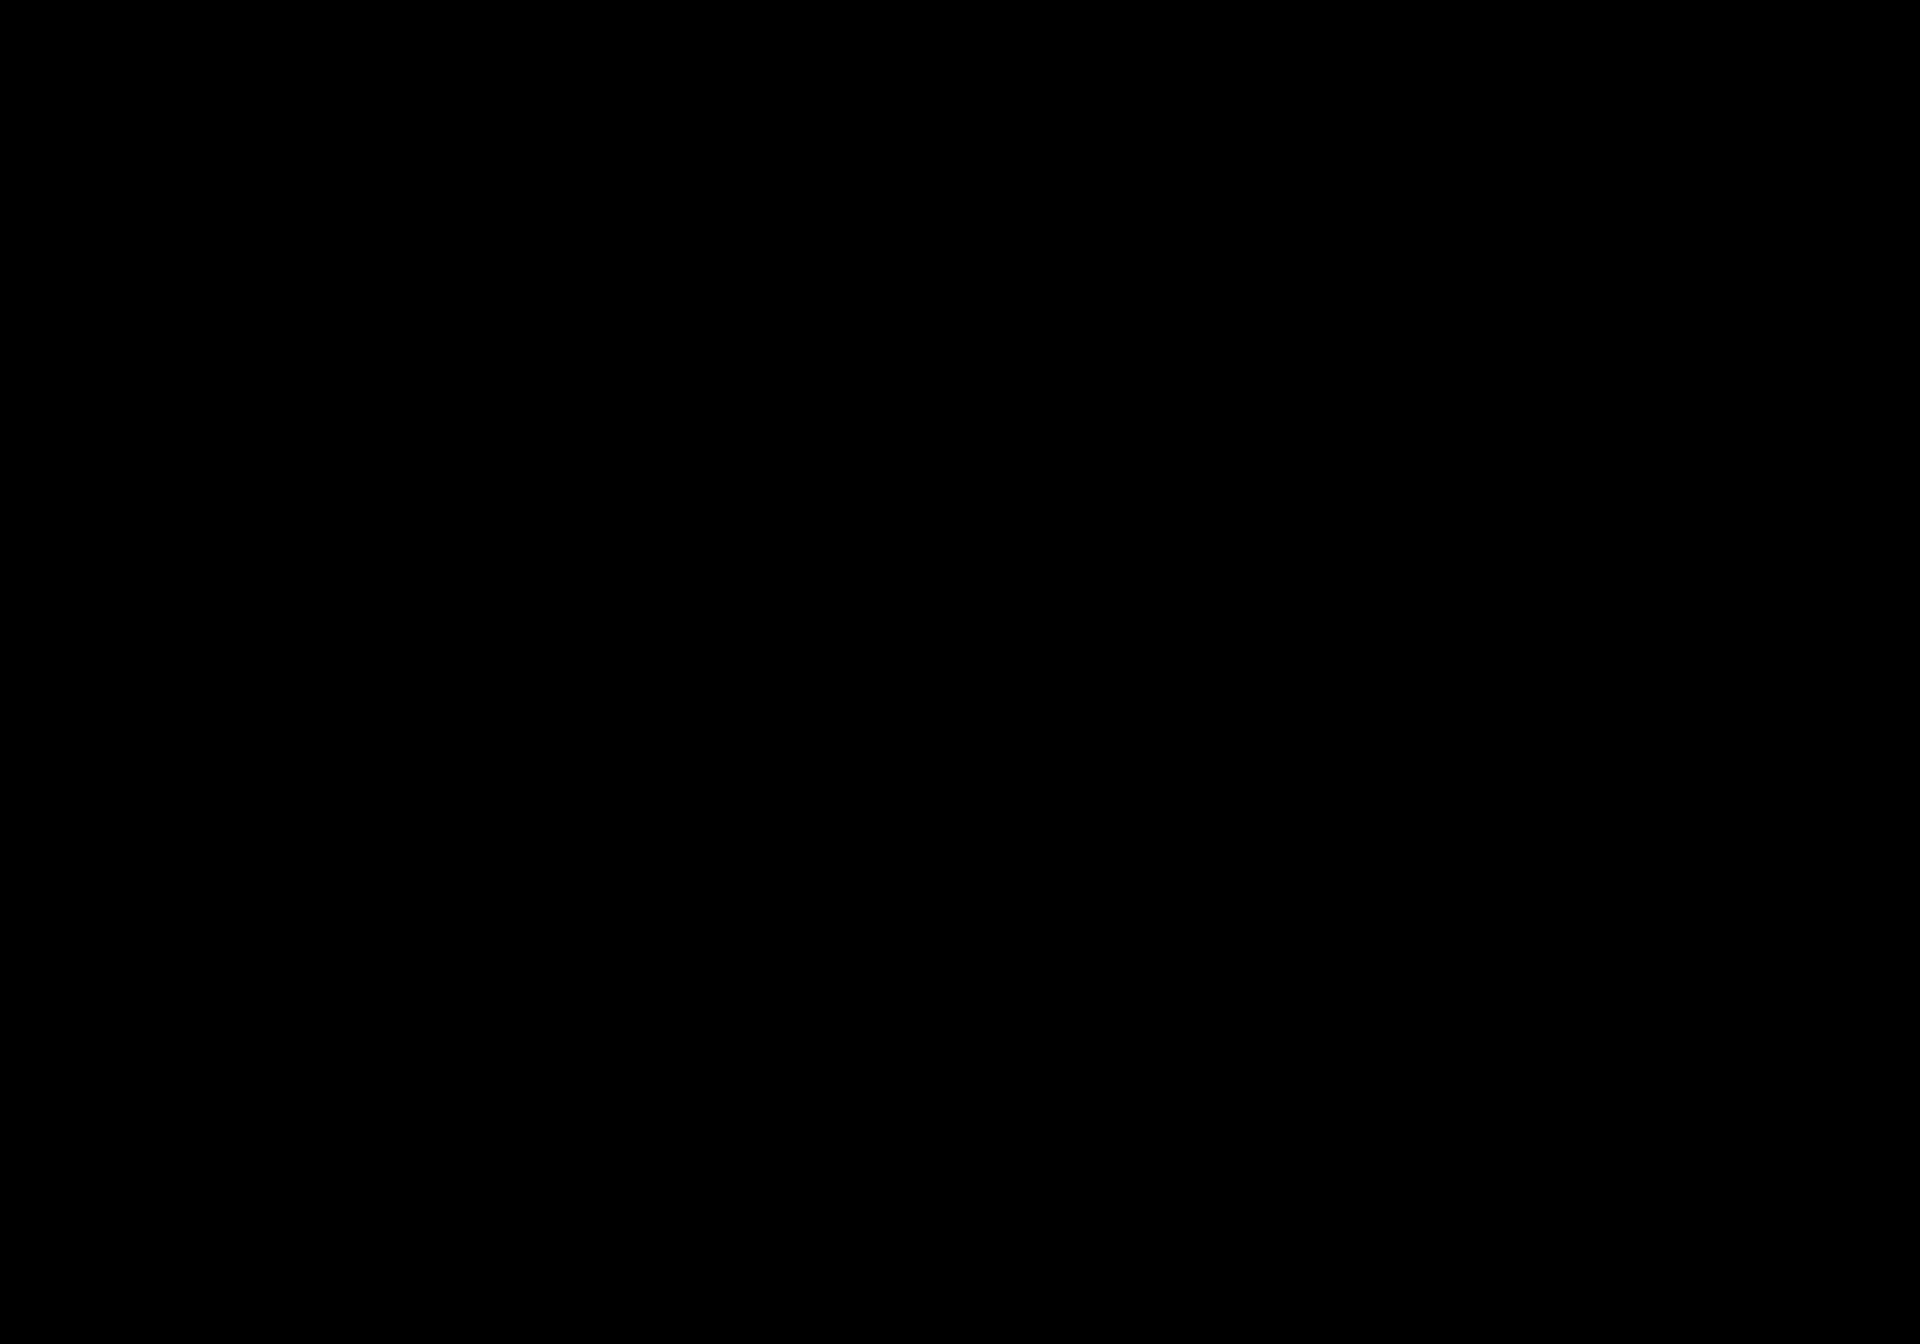 PP Rectangular container 200 ml (0051)